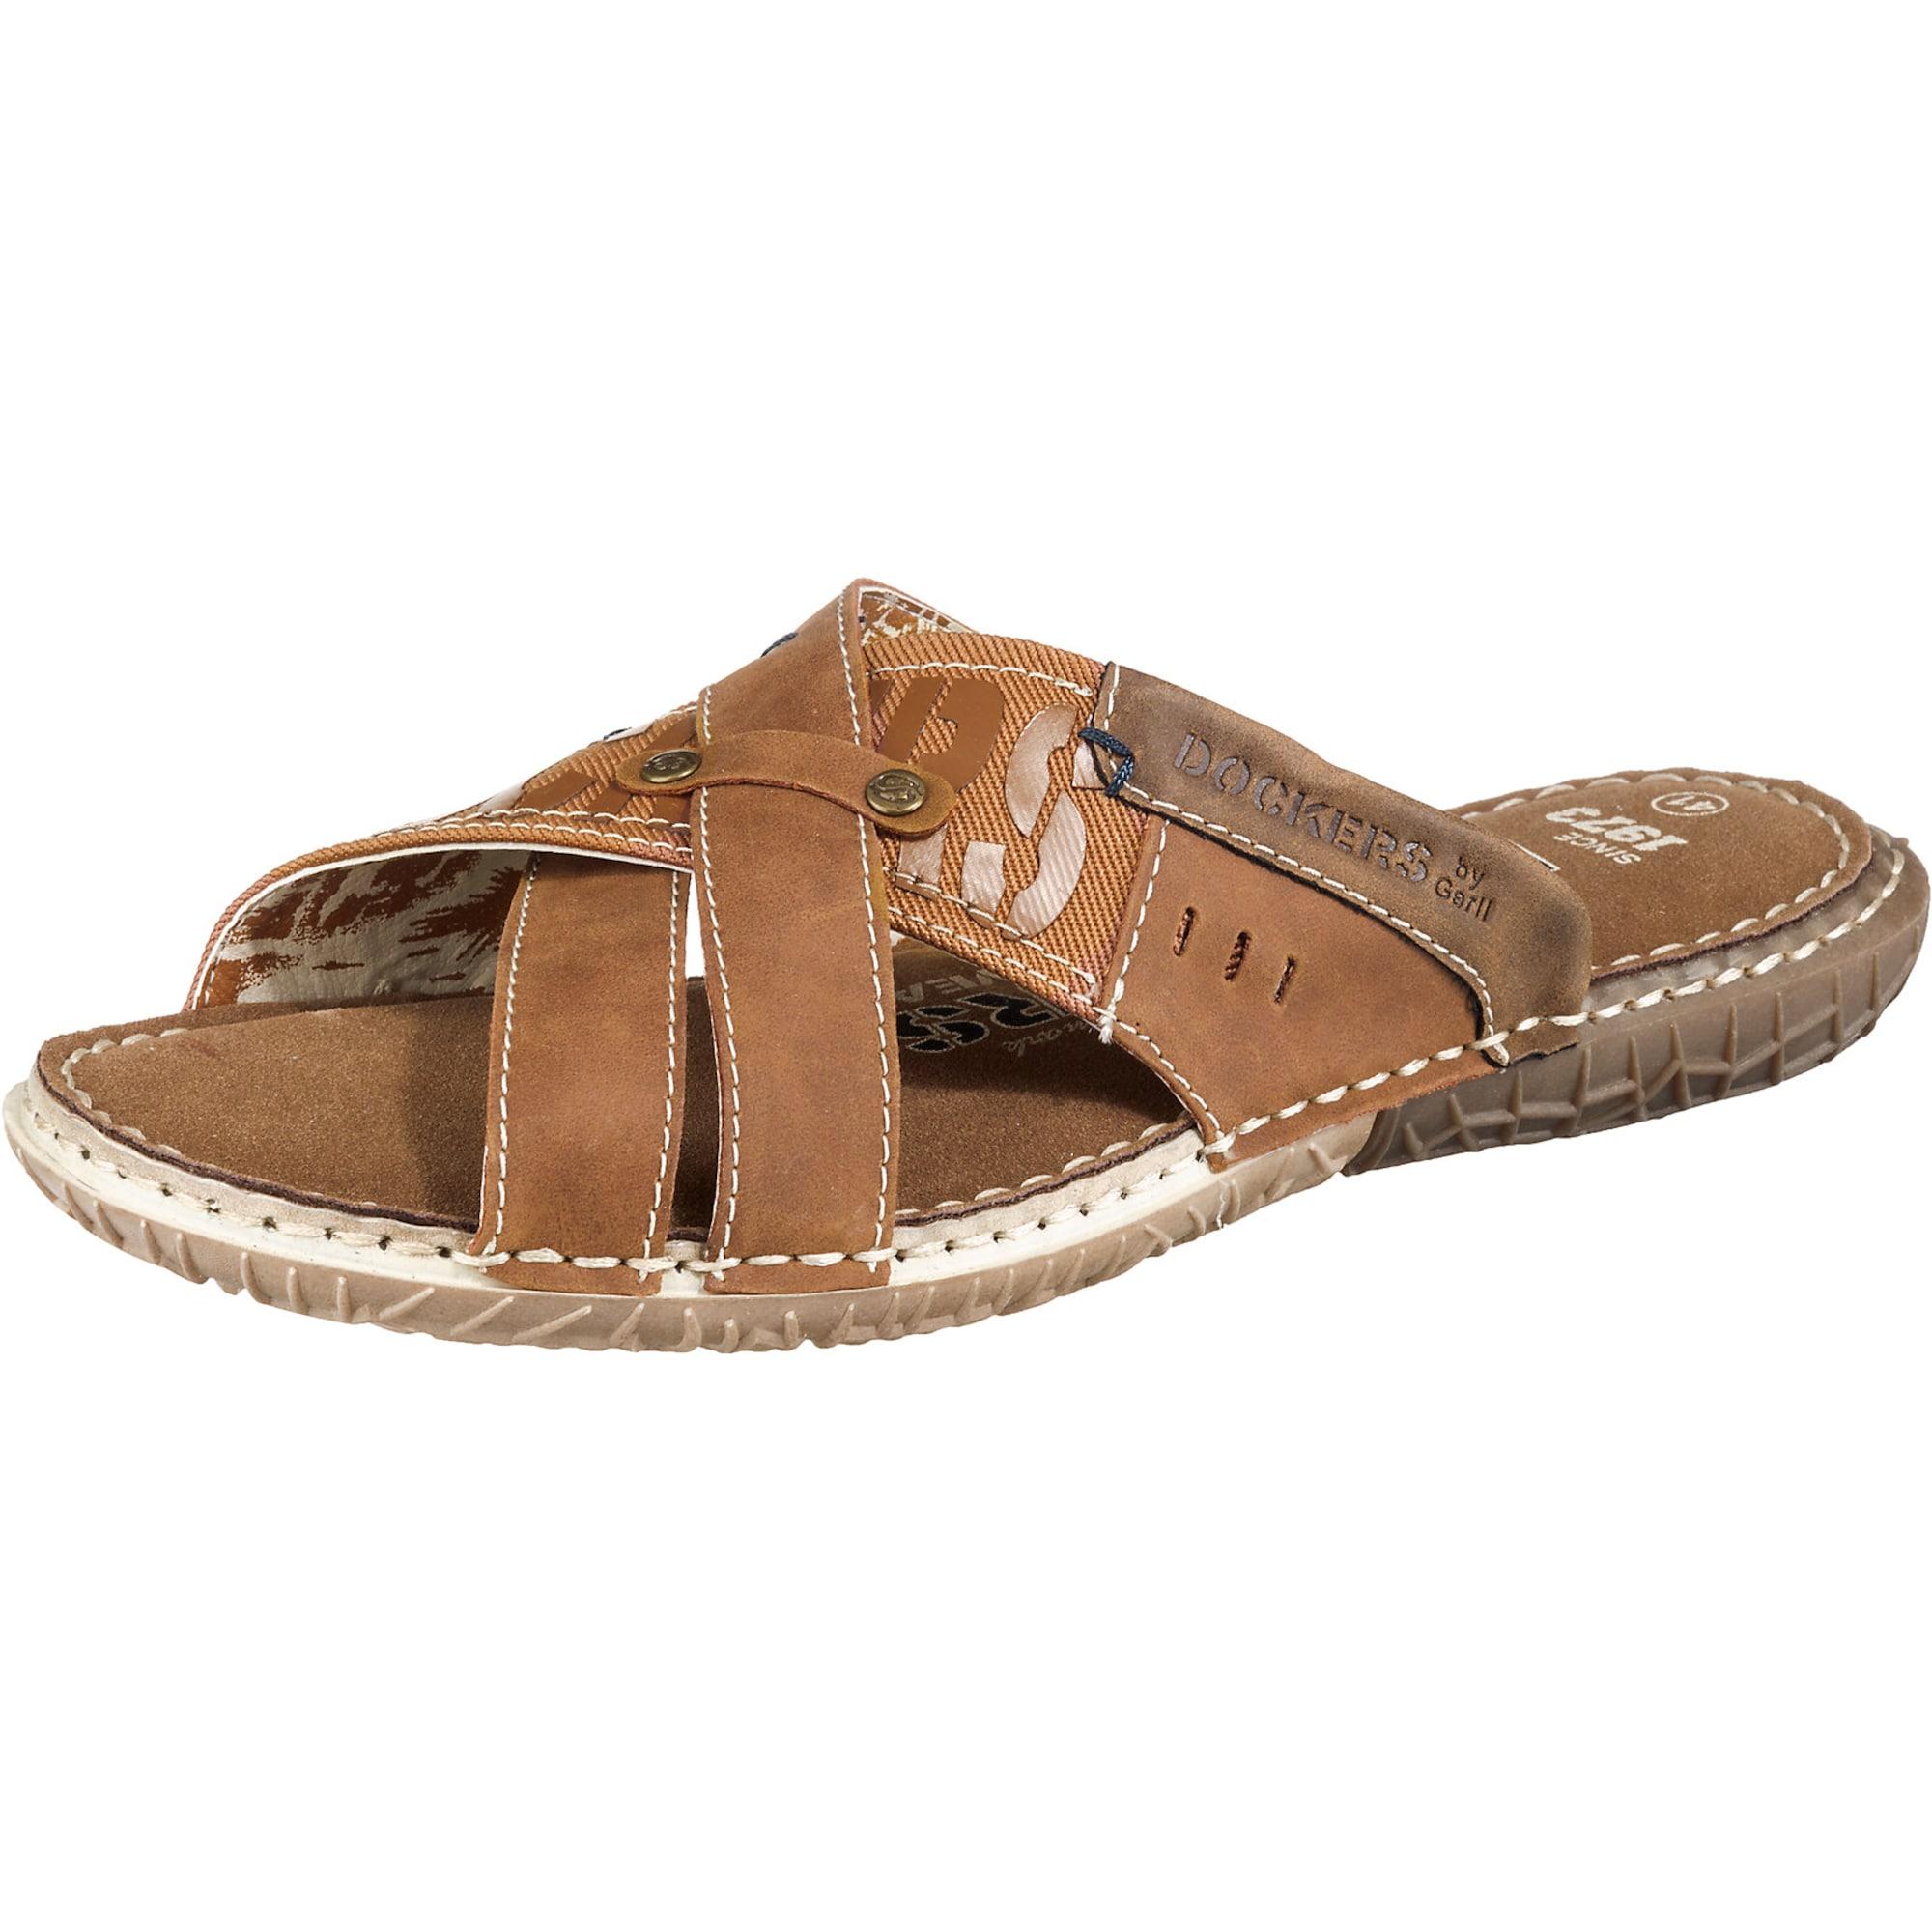 Pantoletten | Schuhe > Clogs & Pantoletten | Braun | Dockers By Gerli